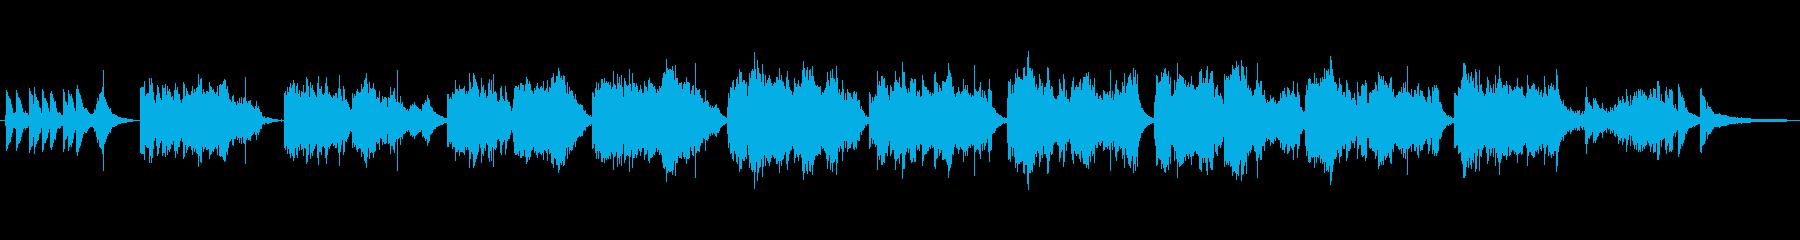 優雅な中国音楽の再生済みの波形